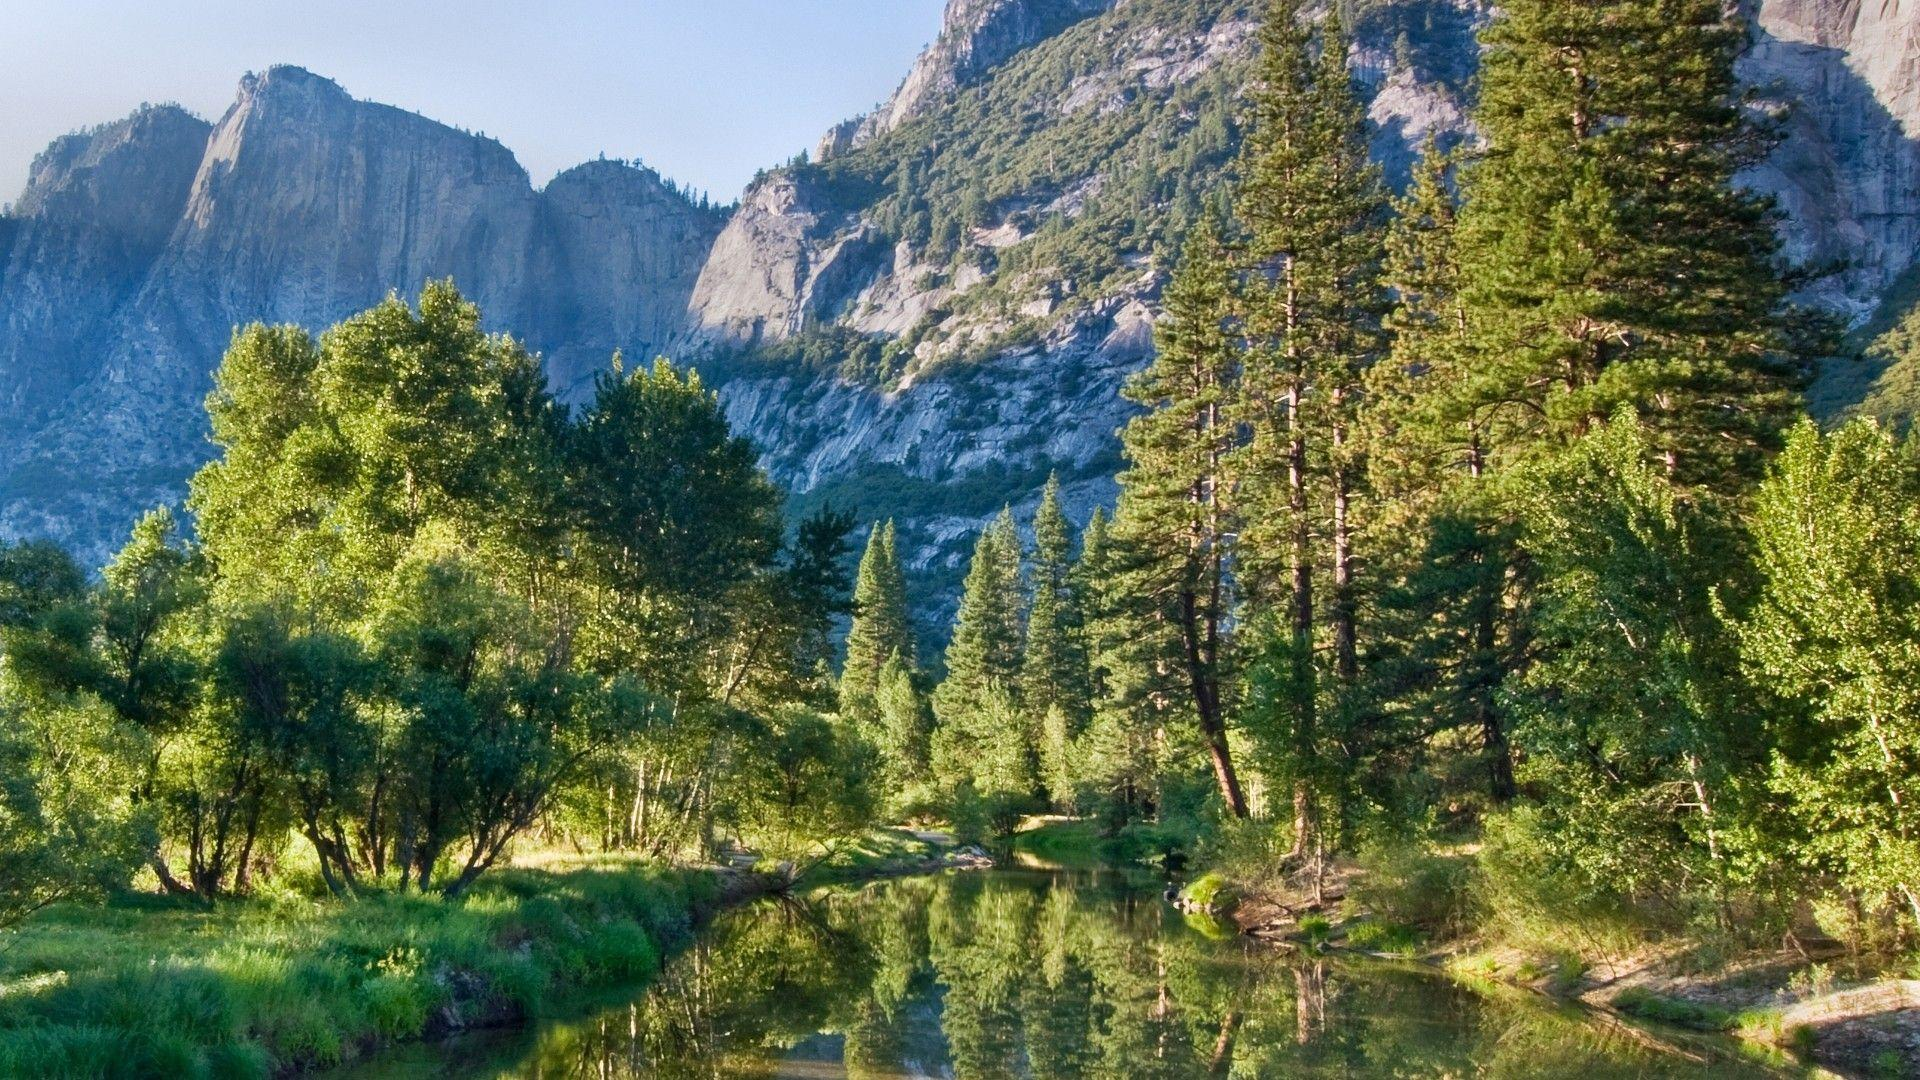 mountains pine trees - photo #3